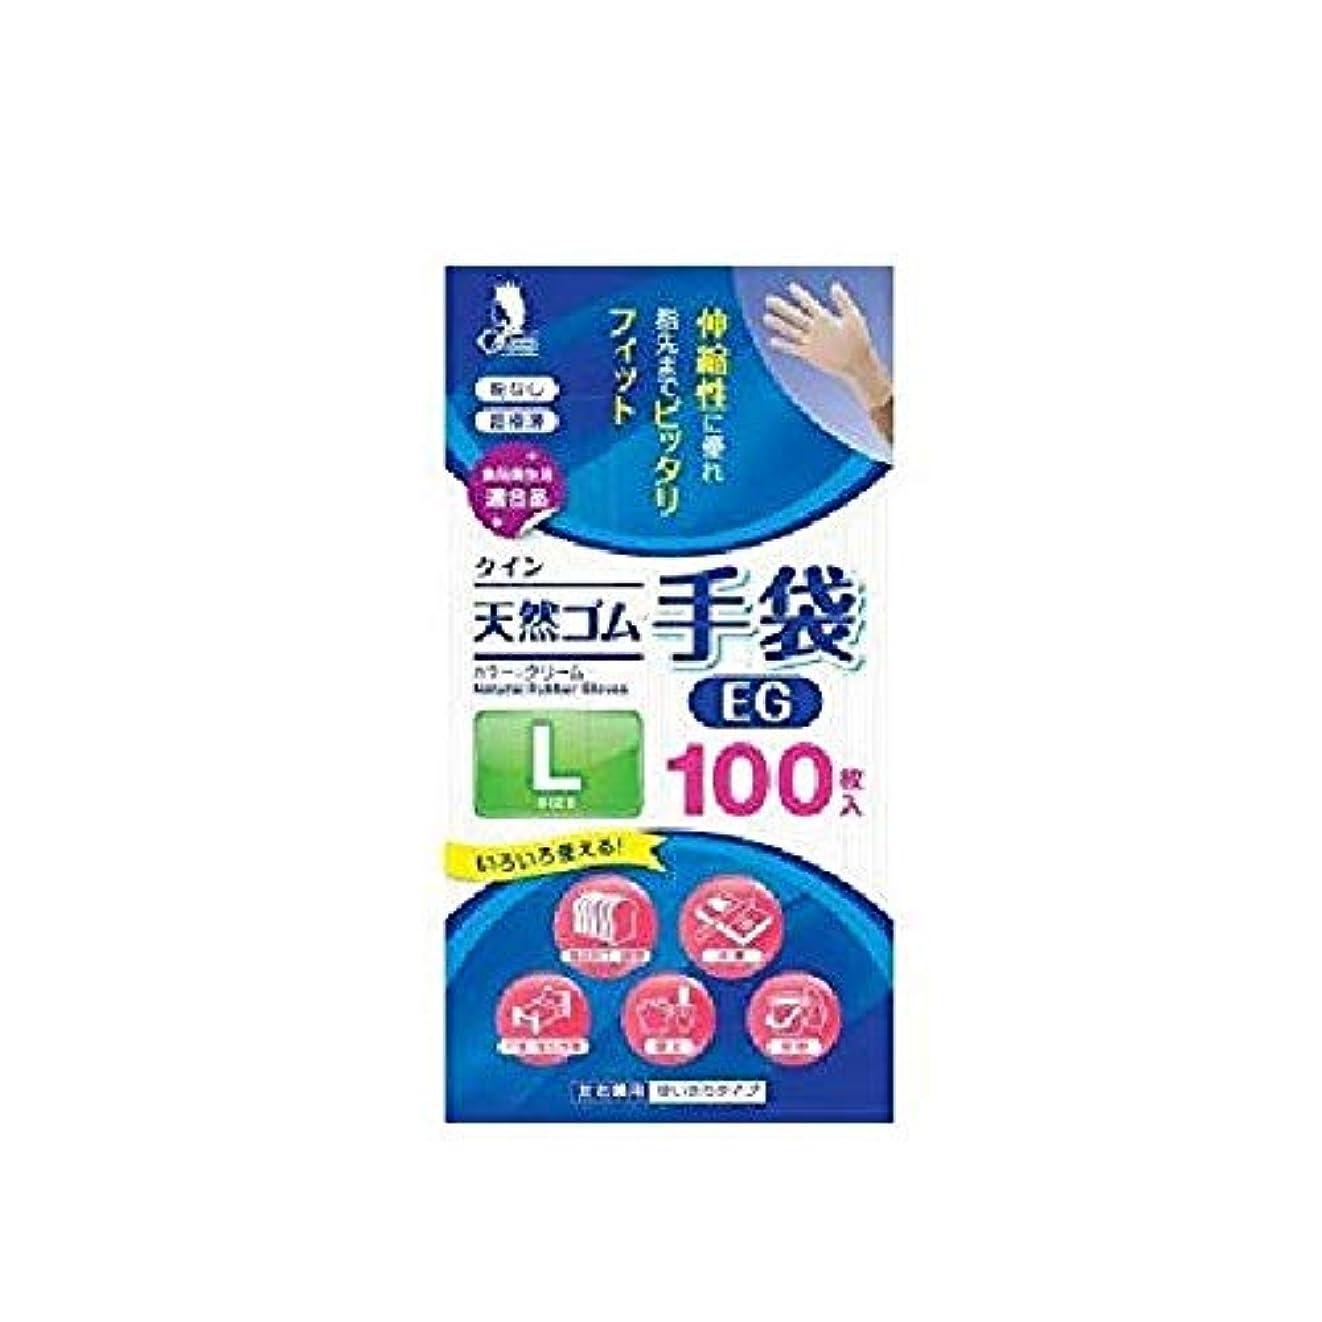 パワー早熟バン宇都宮製作 クイン 天然ゴム 手袋 EG 粉なし 100枚入 Lサイズ